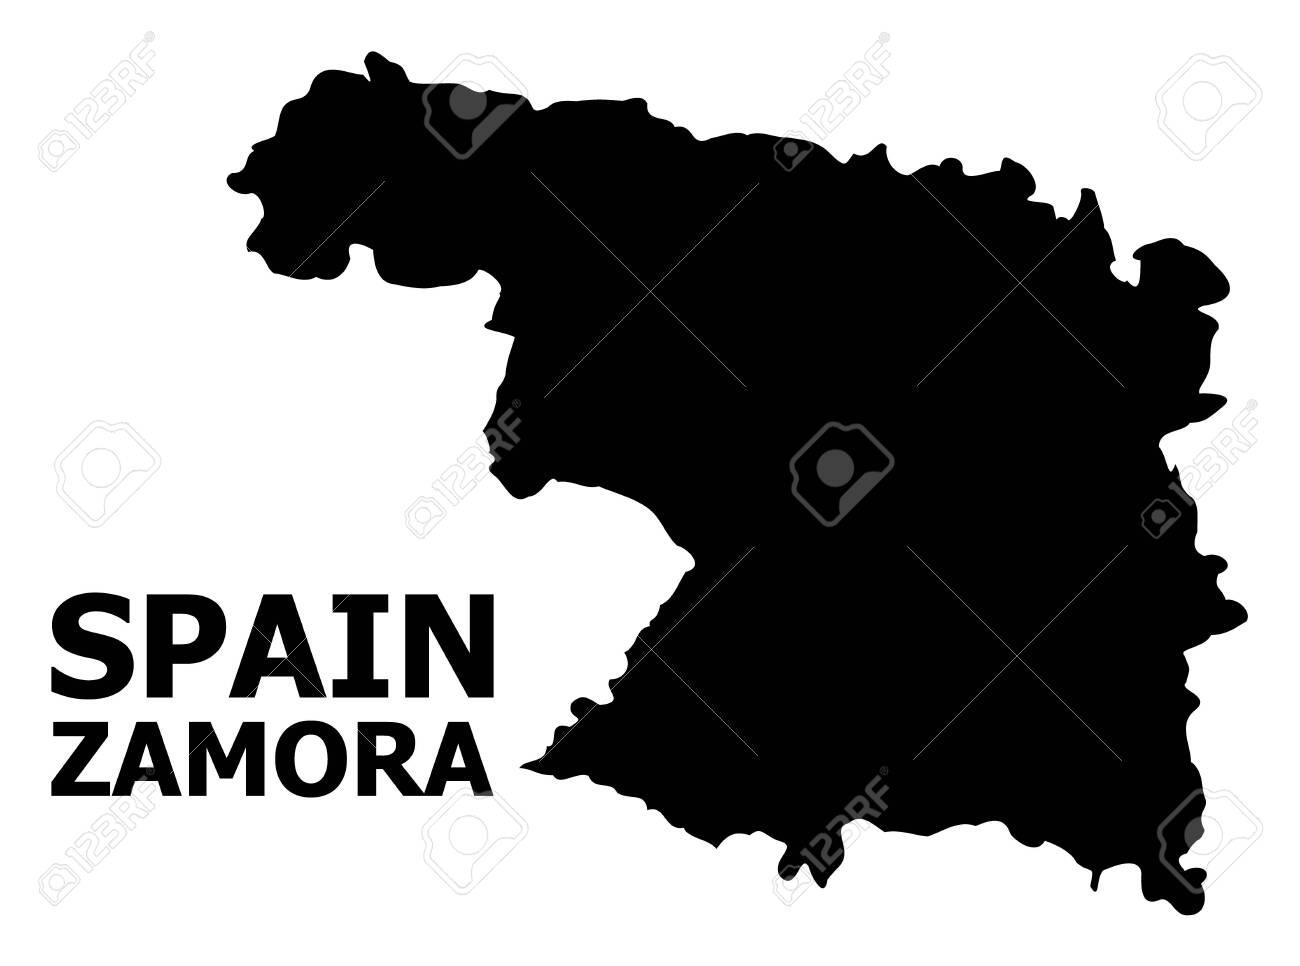 Map Of Spain Zamora.Vector Map Of Zamora Province With Caption Map Of Zamora Province